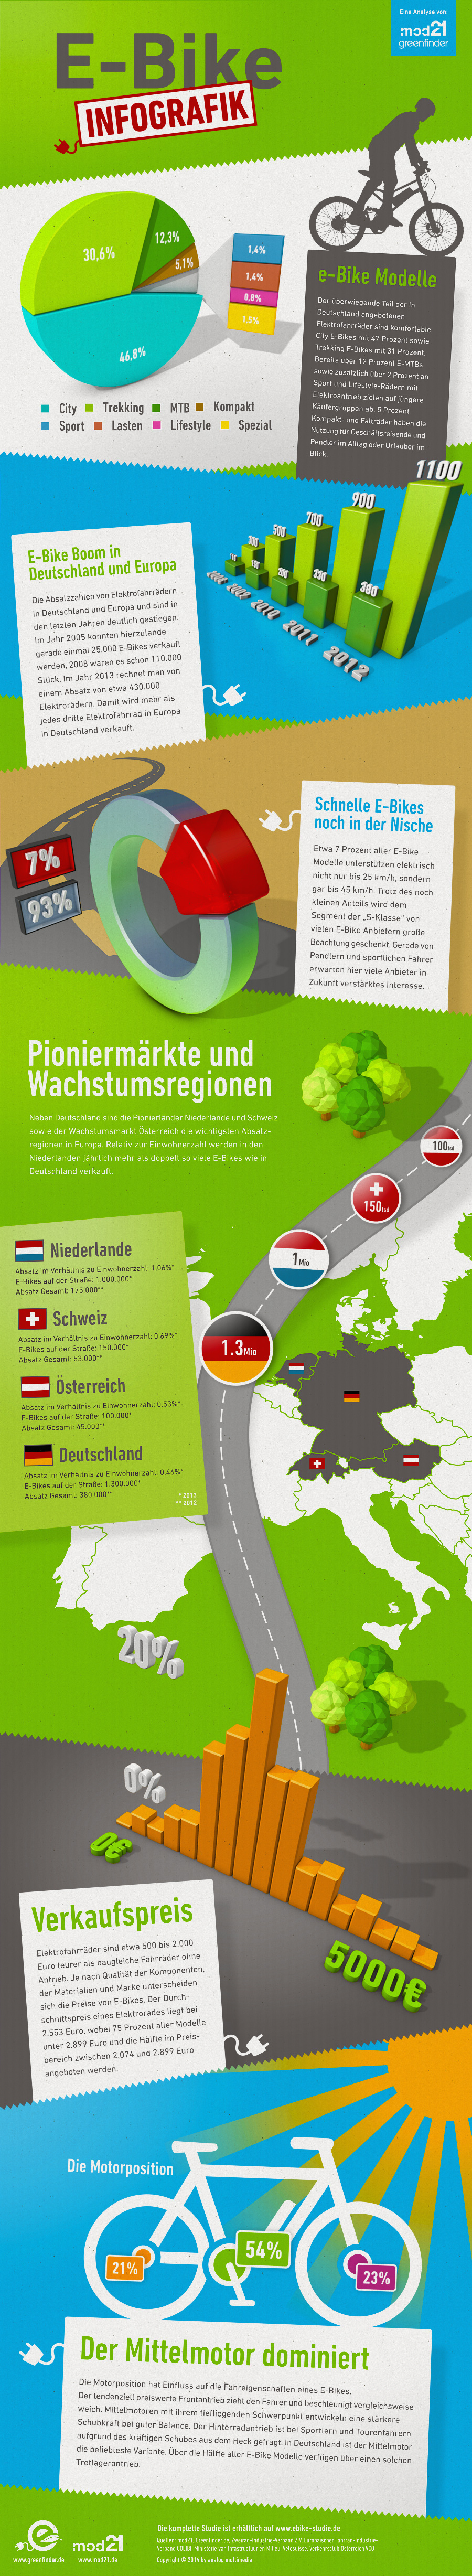 Infografik zur großen E-Bike Studie 2014 von mod21 & Greenfinder.de